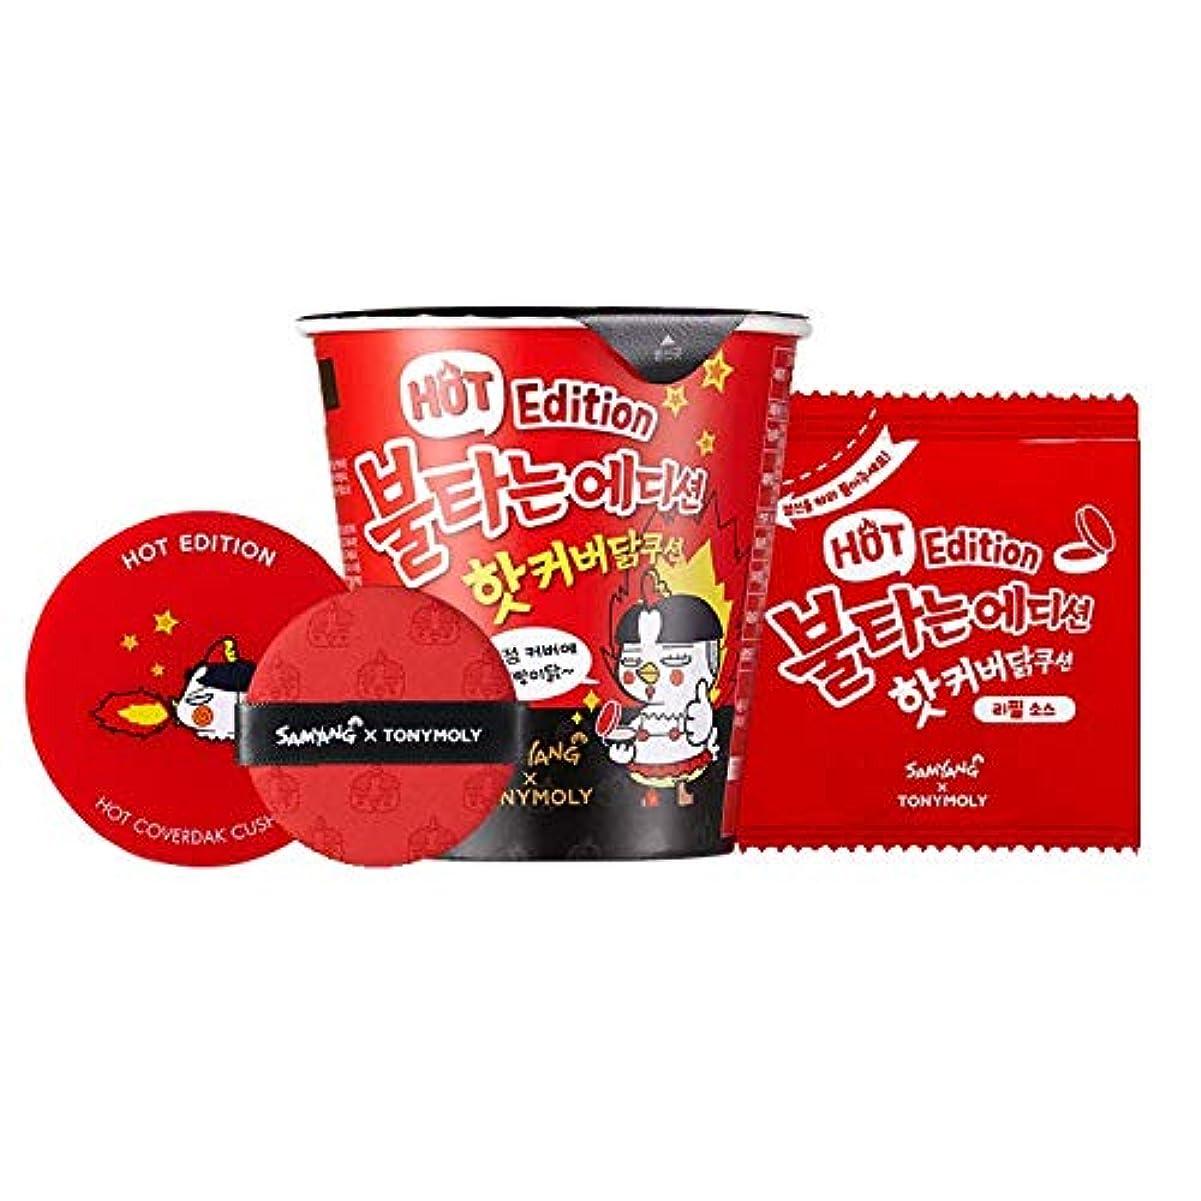 TONY MOLY [HOT EDITION] Hot Cover dak Cushion #02 Beige/トニーモリー[ブルダック炒め麺 EDITION] ホットカバークッション SPF50+ PA+++(詰め替え...